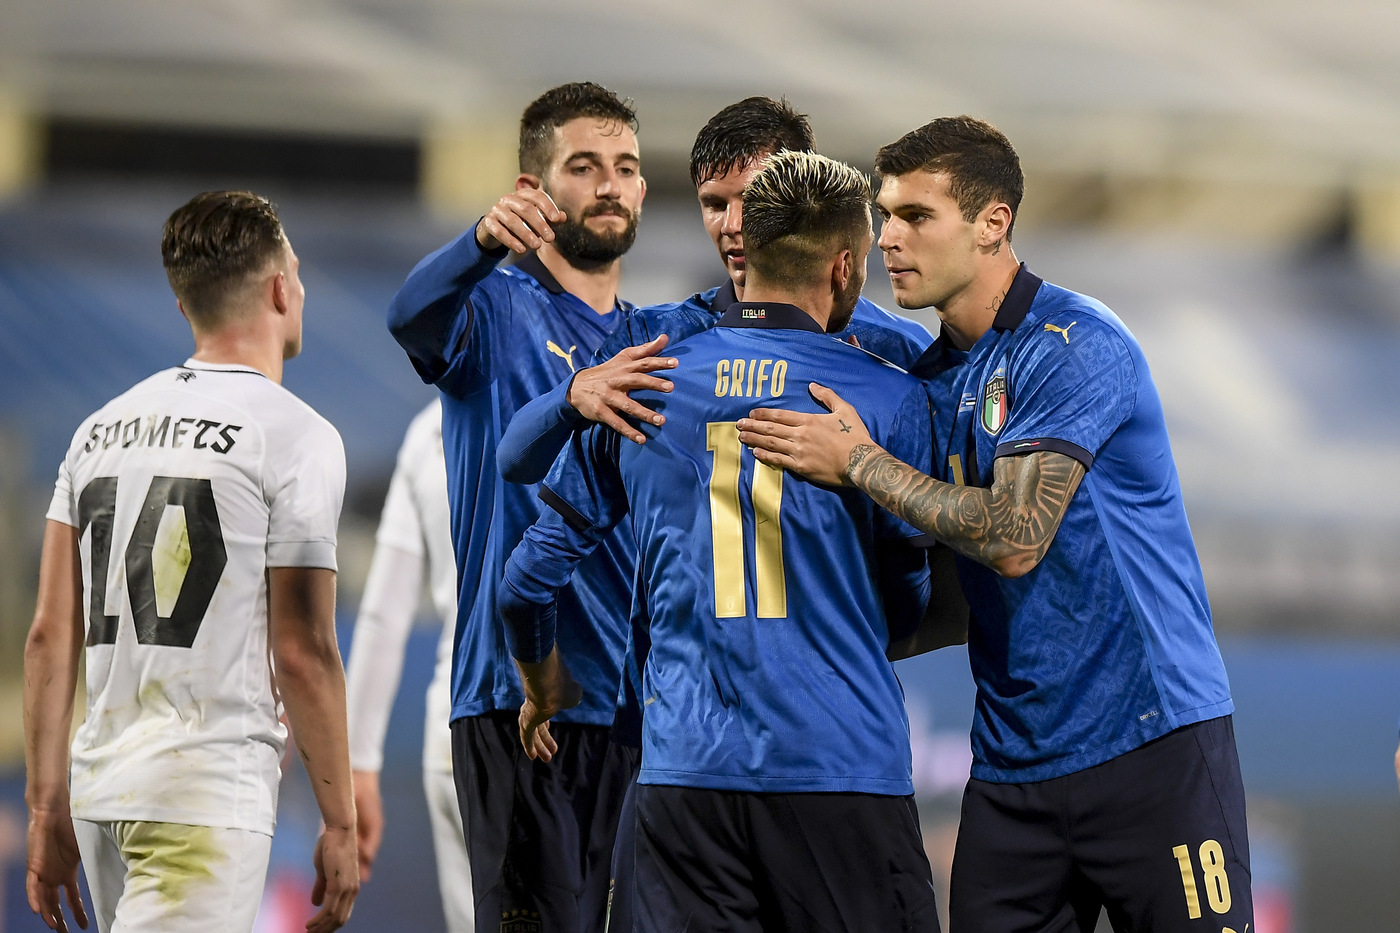 Amichevoli Internazionali, Italia vs Estonia